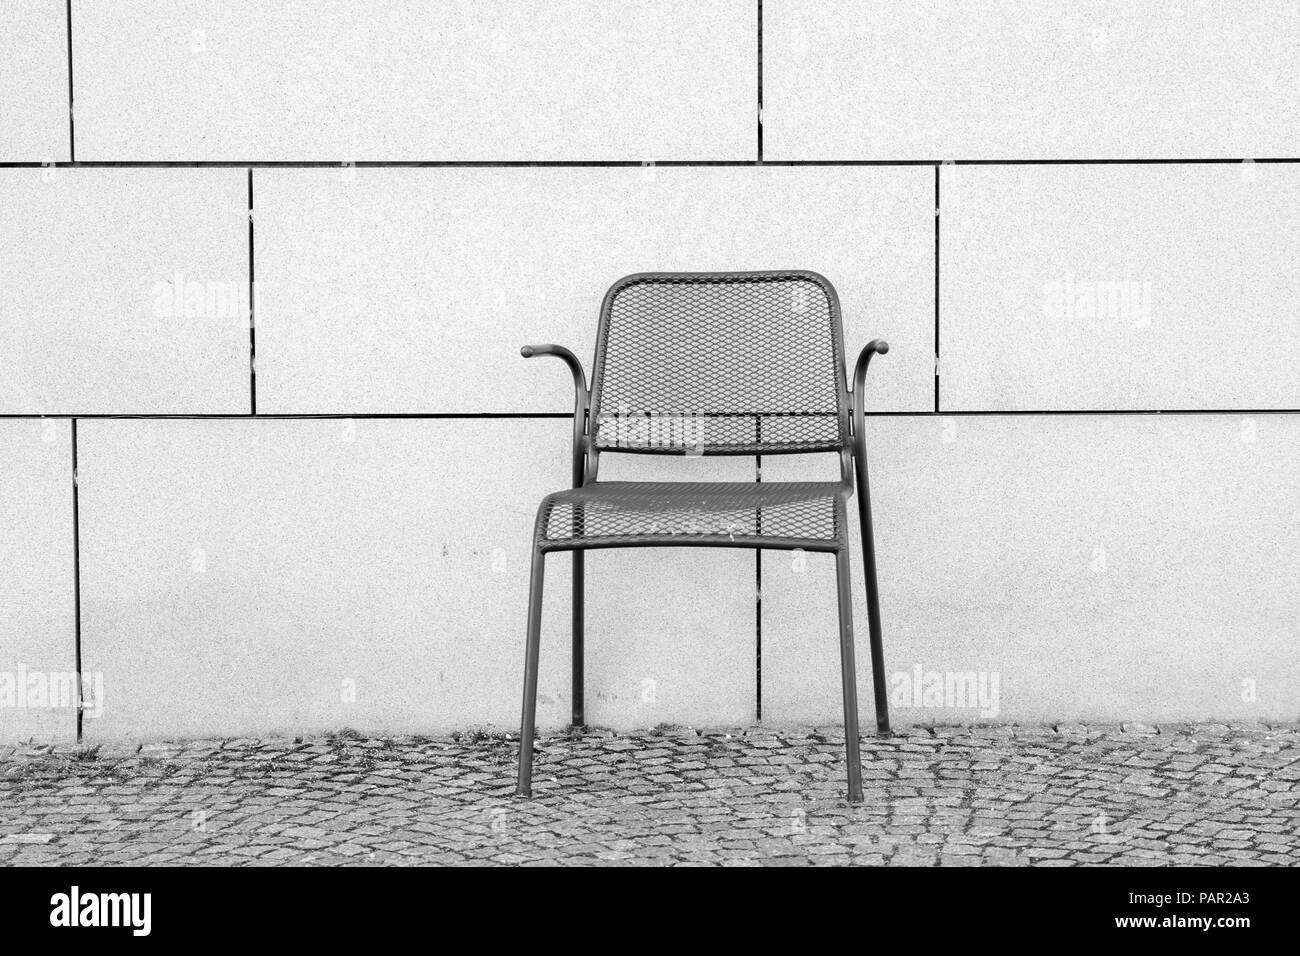 Ein Schwarz Weiss Foto Eines Leeren Metall Stuhl Gegen Eine Wand